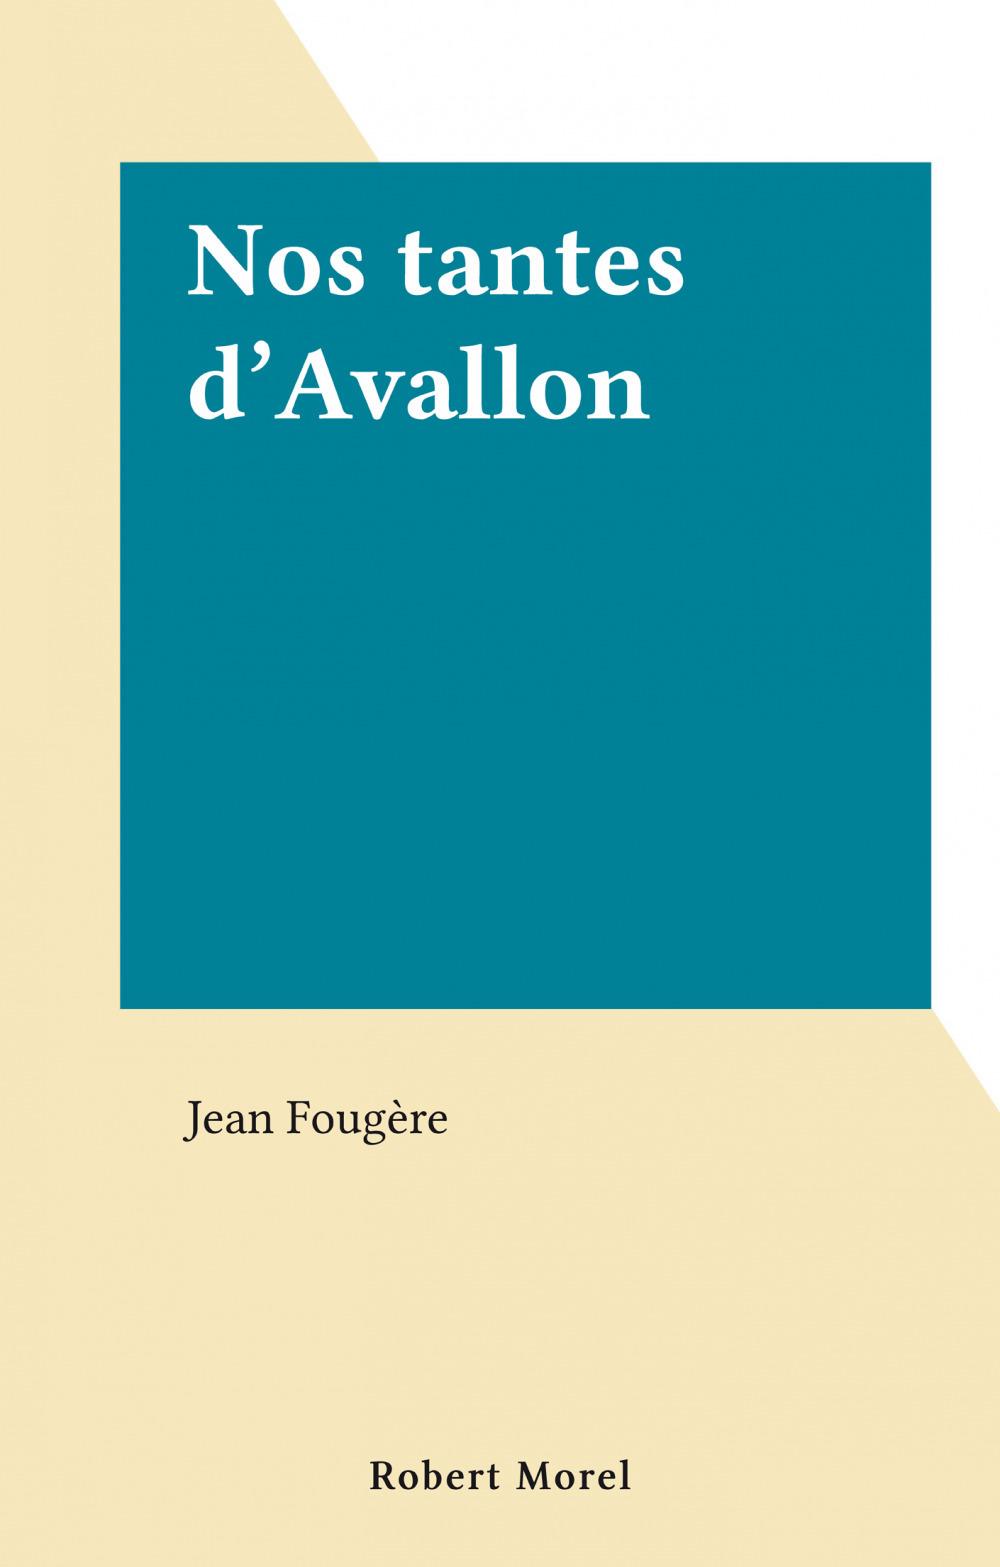 Nos tantes d'Avallon